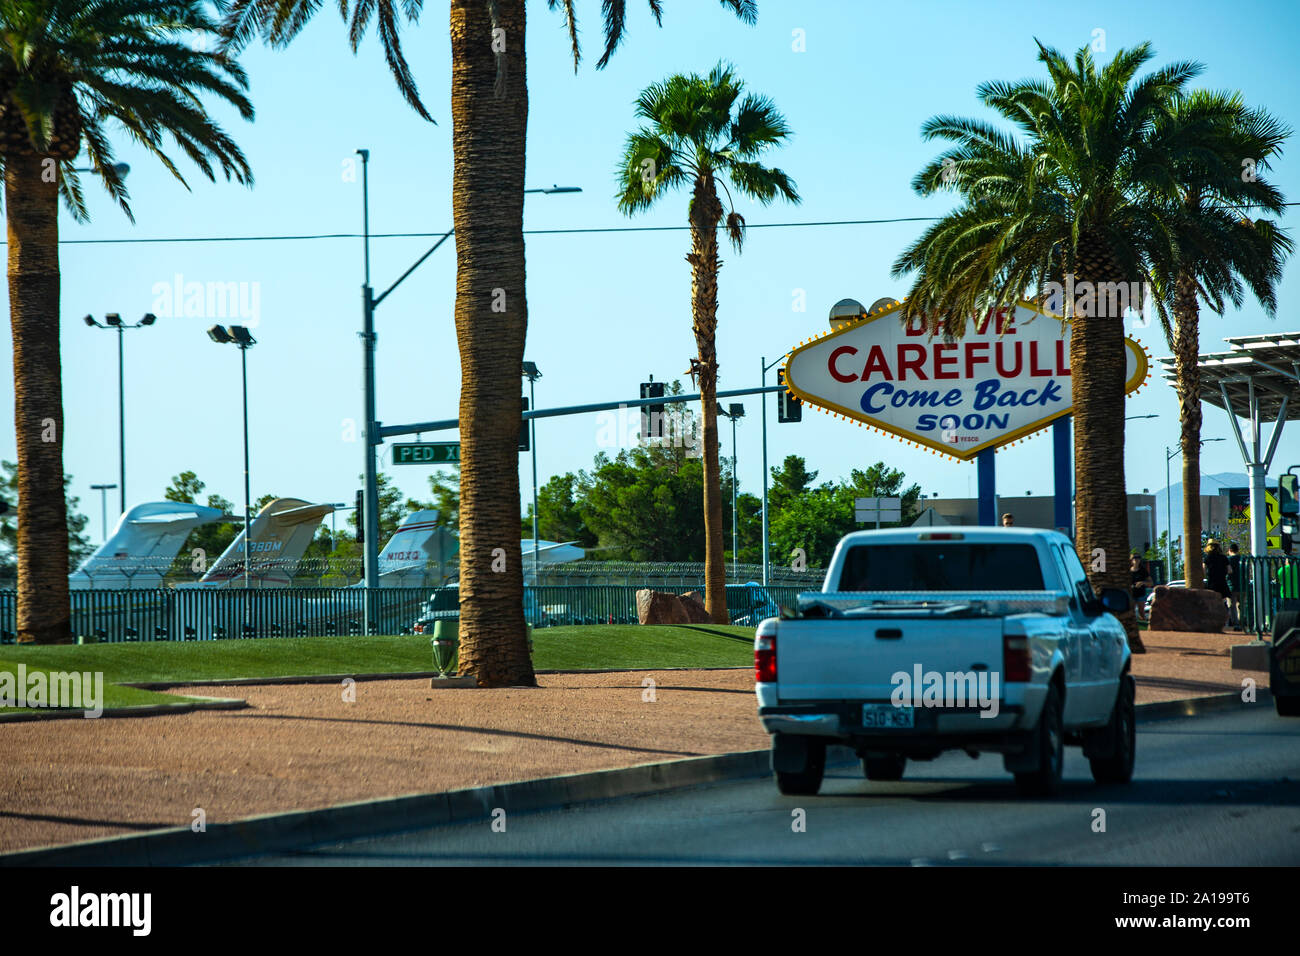 Welcome to Las Vegas - Das erste Willkommensschild der Stadt. Das bekannteste Wahrzeichen und Sehenswürdigkeit Spielerstadt Las Vegas in Nevada / USA Stock Photo